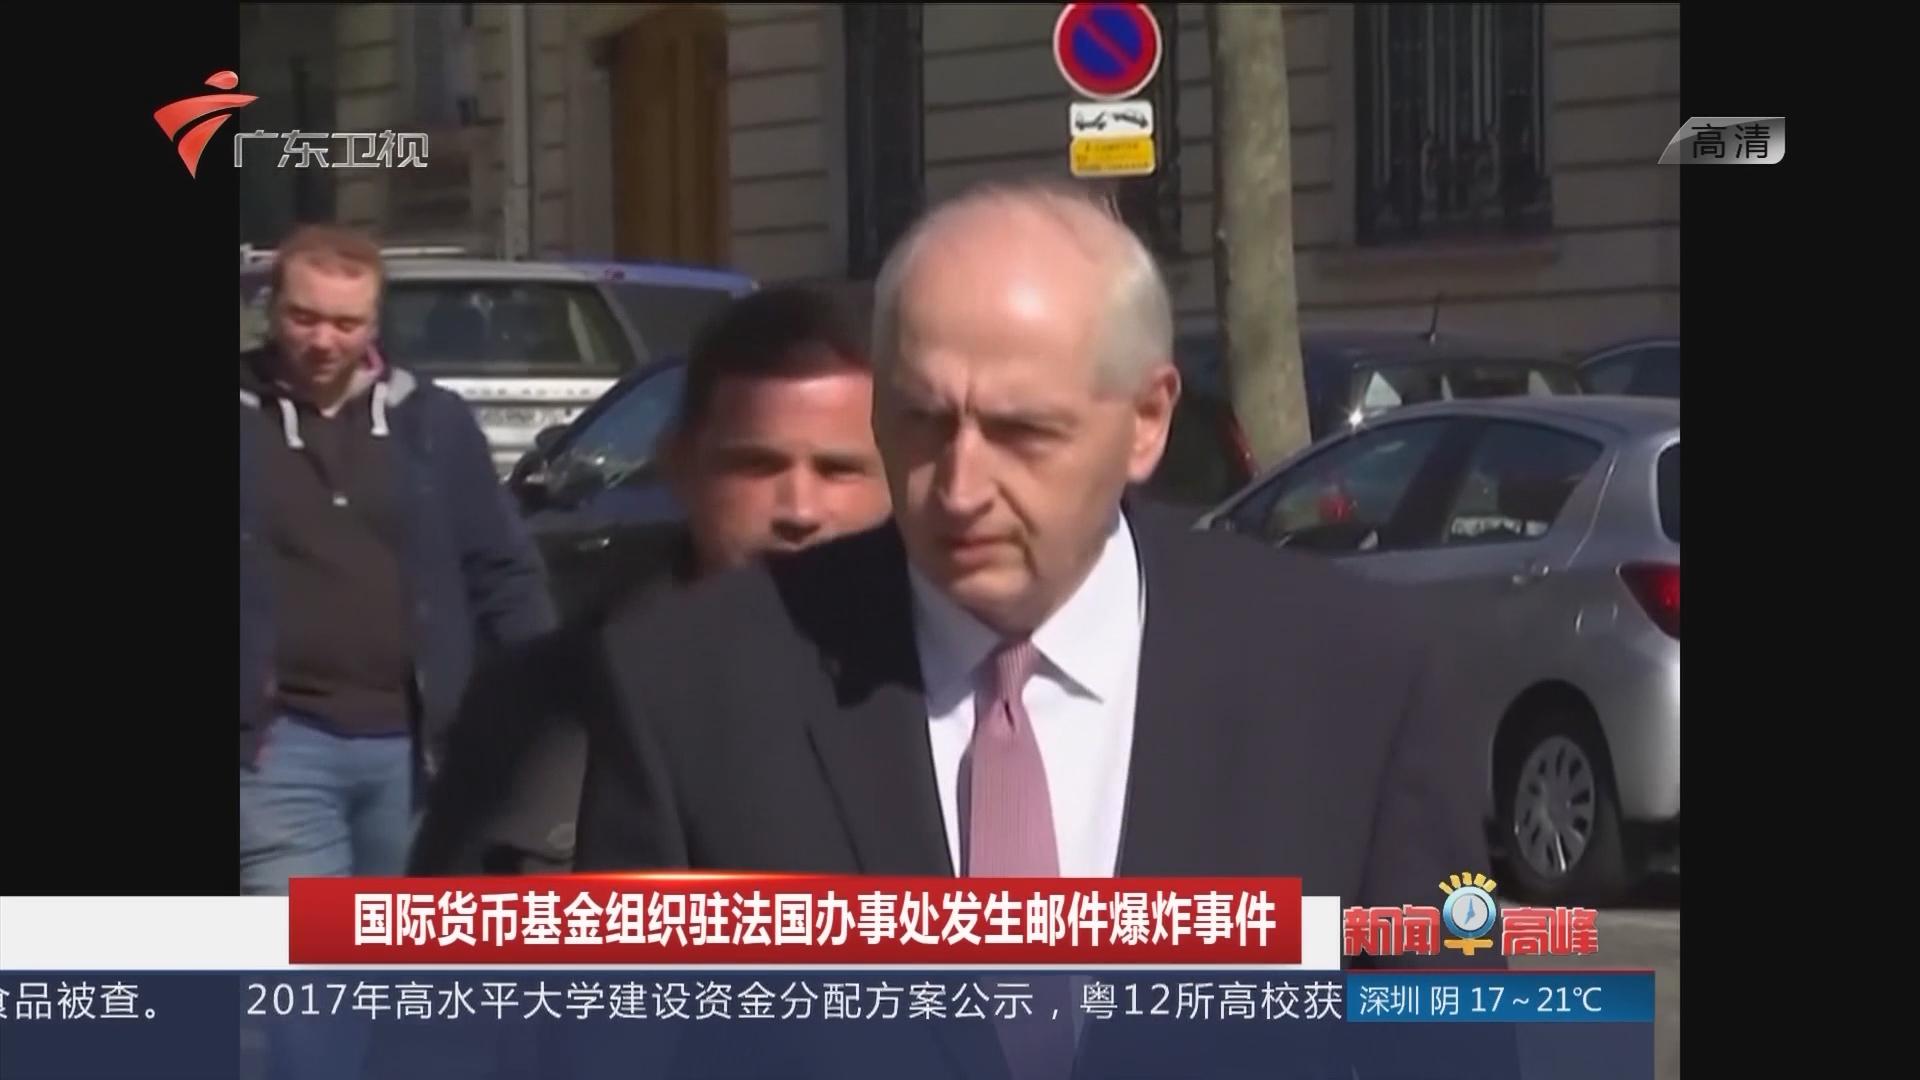 国际货币基金组织驻法国办事处发生邮件爆炸事件